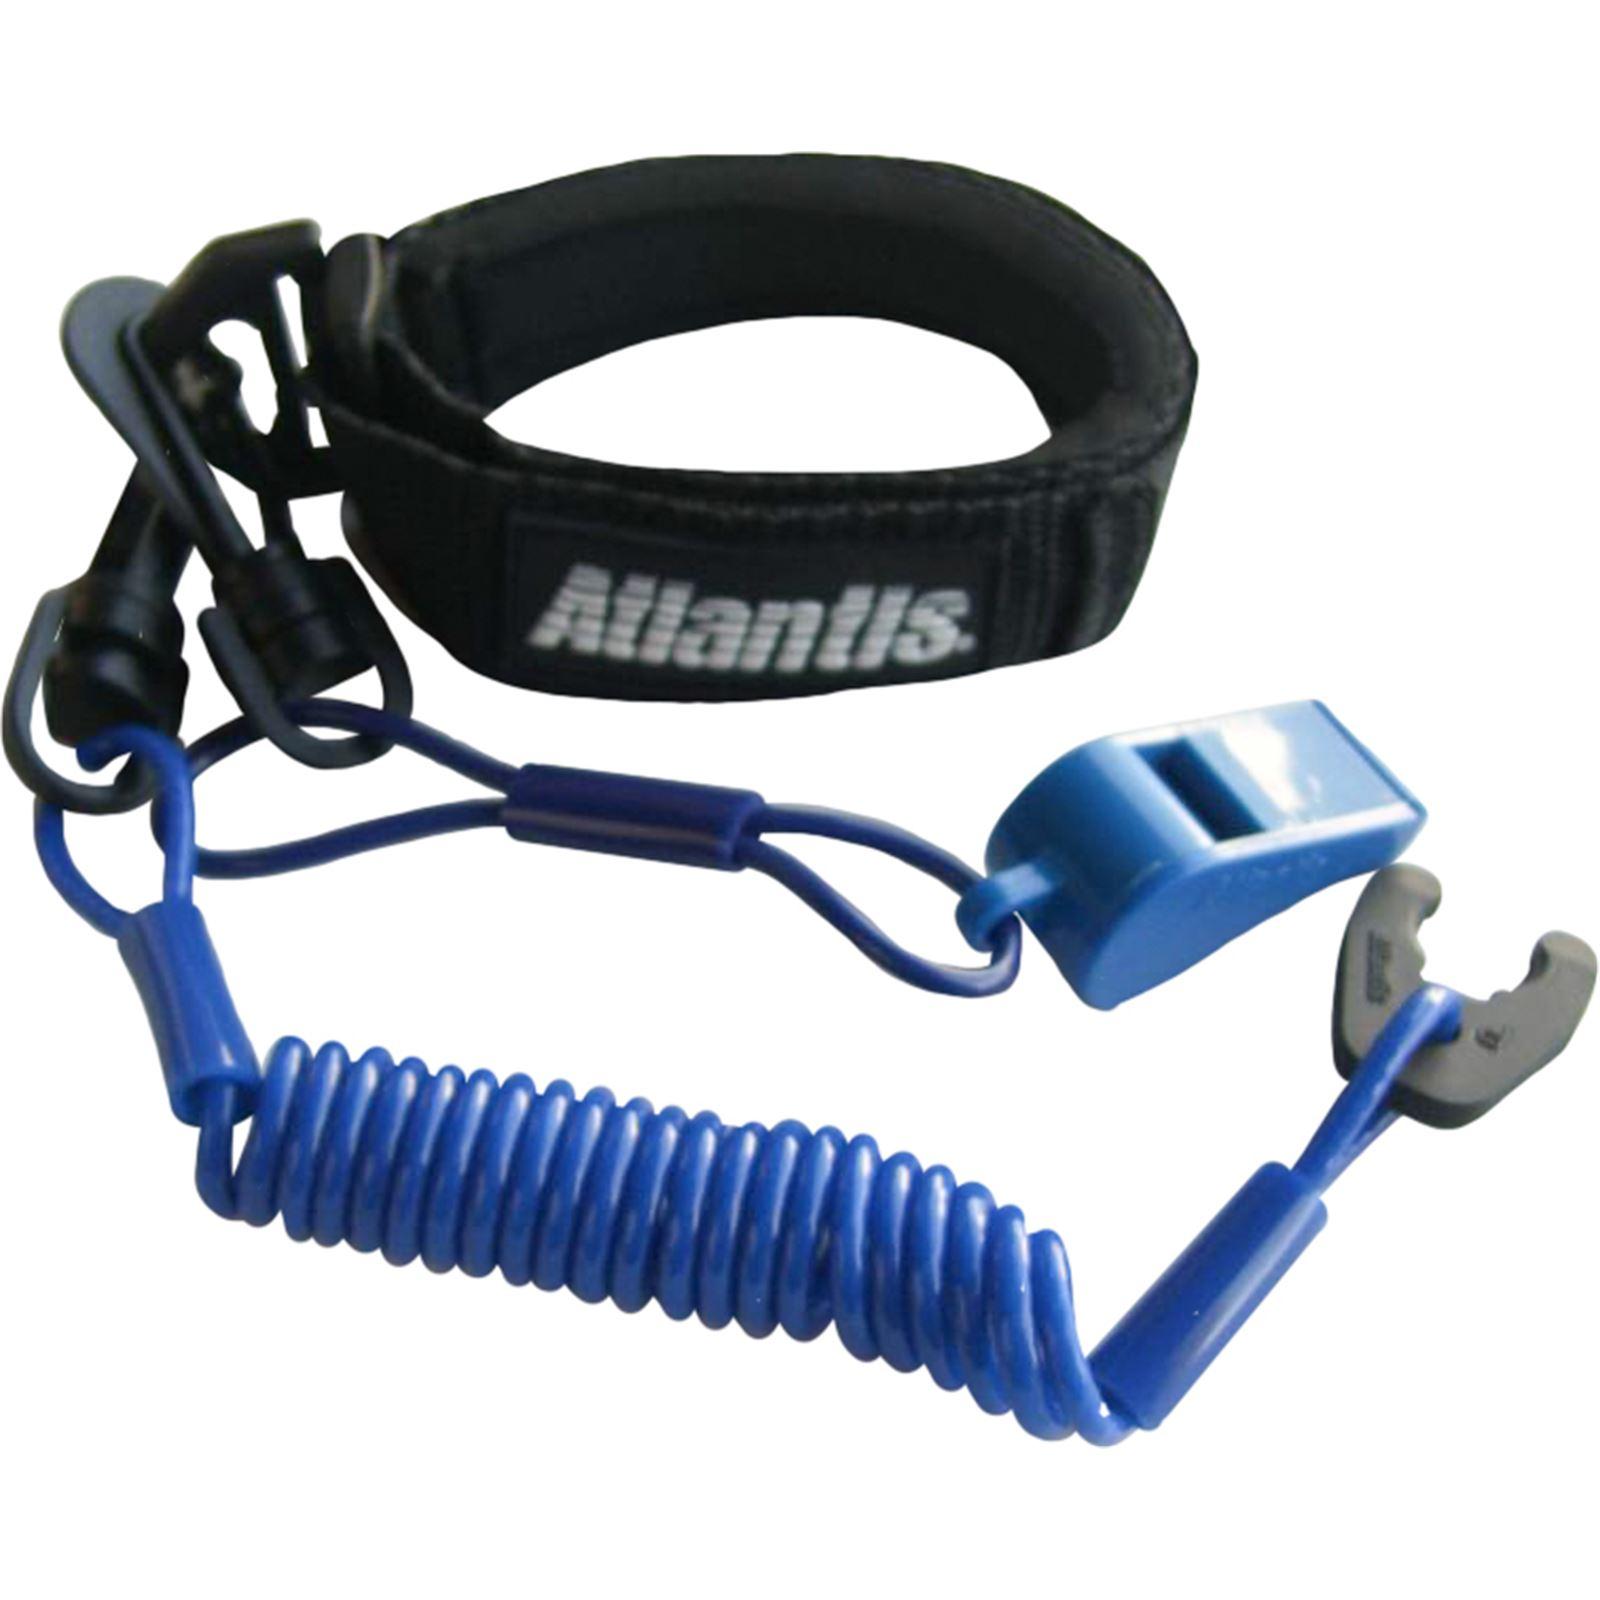 Atlantis Pro Floating Wrist/Jacket Tethercord/Lanyard